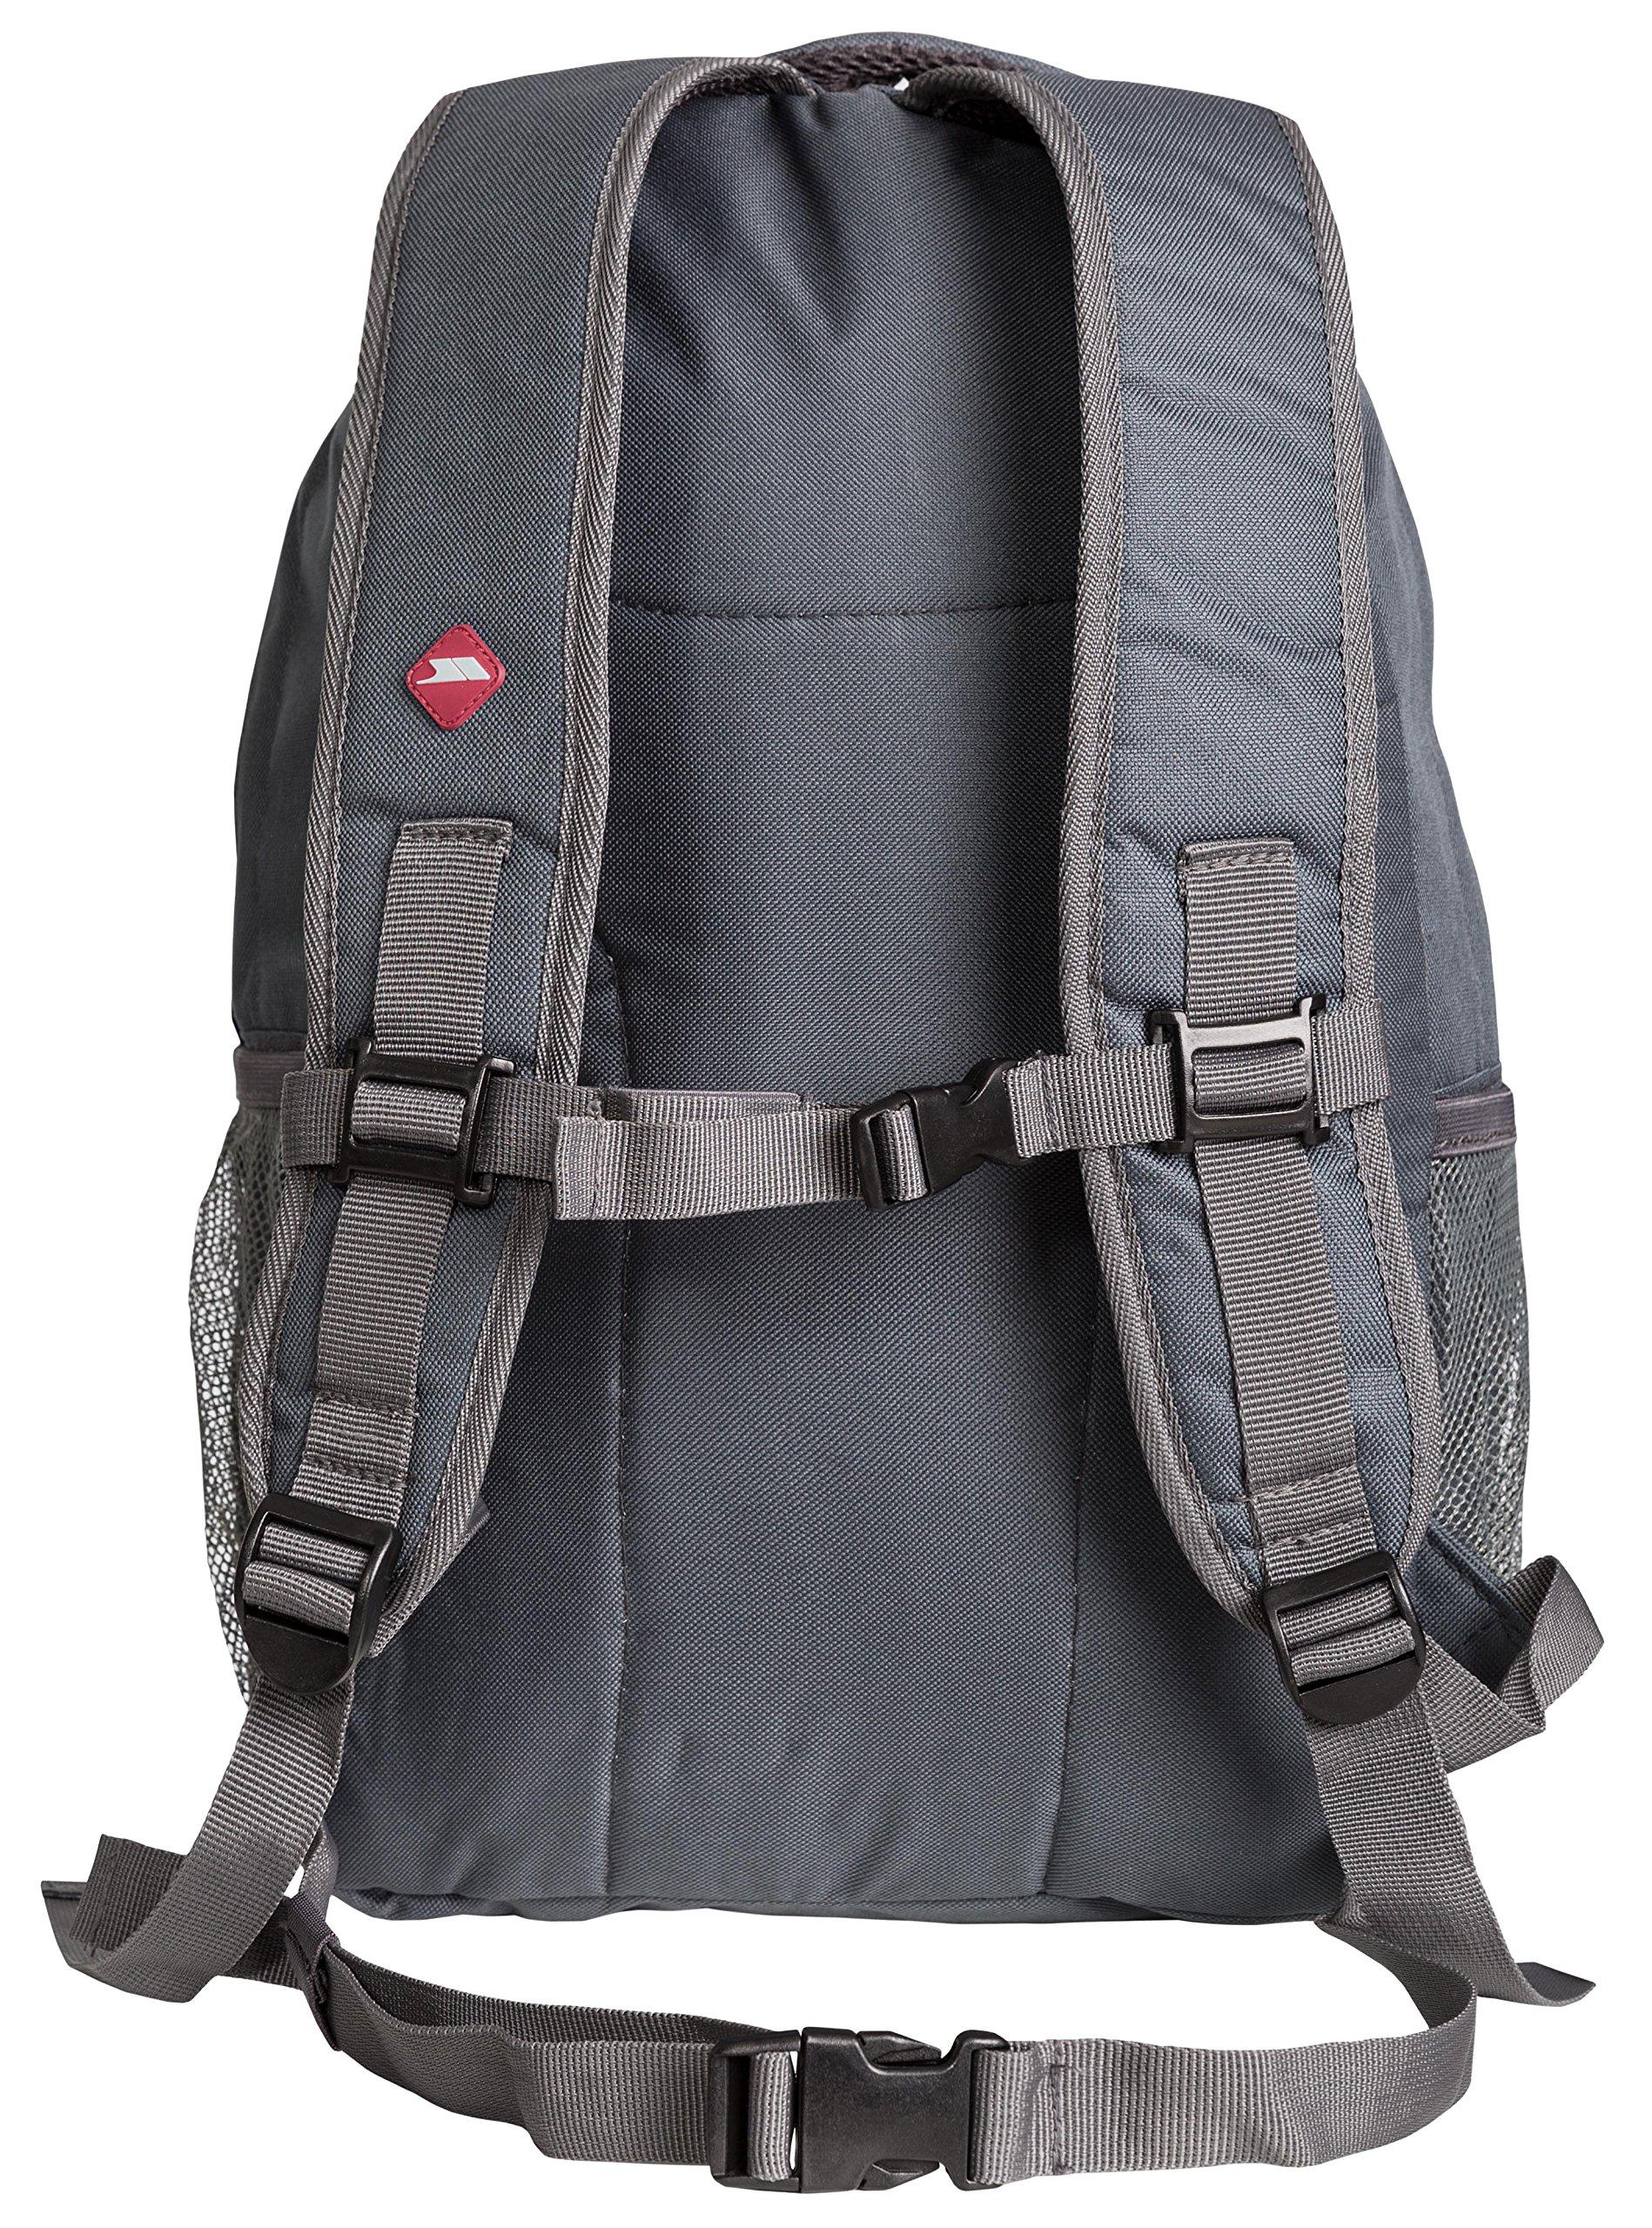 Trespass Neroli Backpack/Rucksack, 28 Litre 4